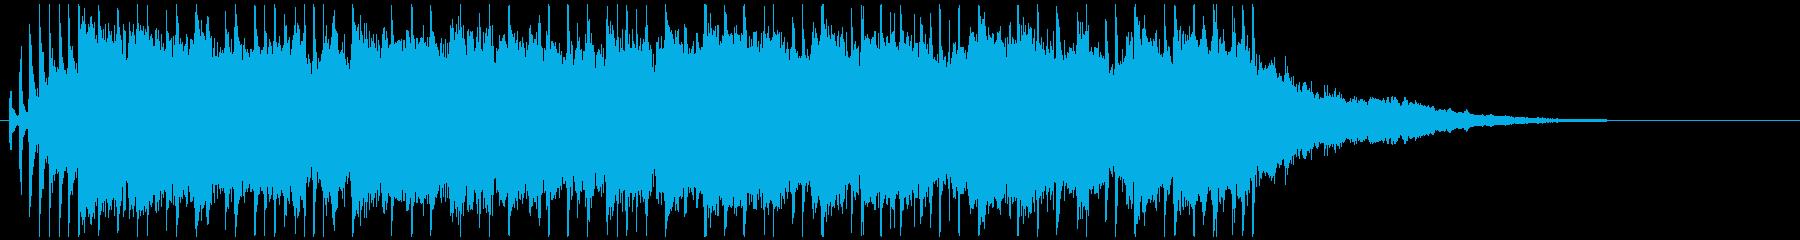 ポップ ロック ほのぼの 幸せ ロ...の再生済みの波形